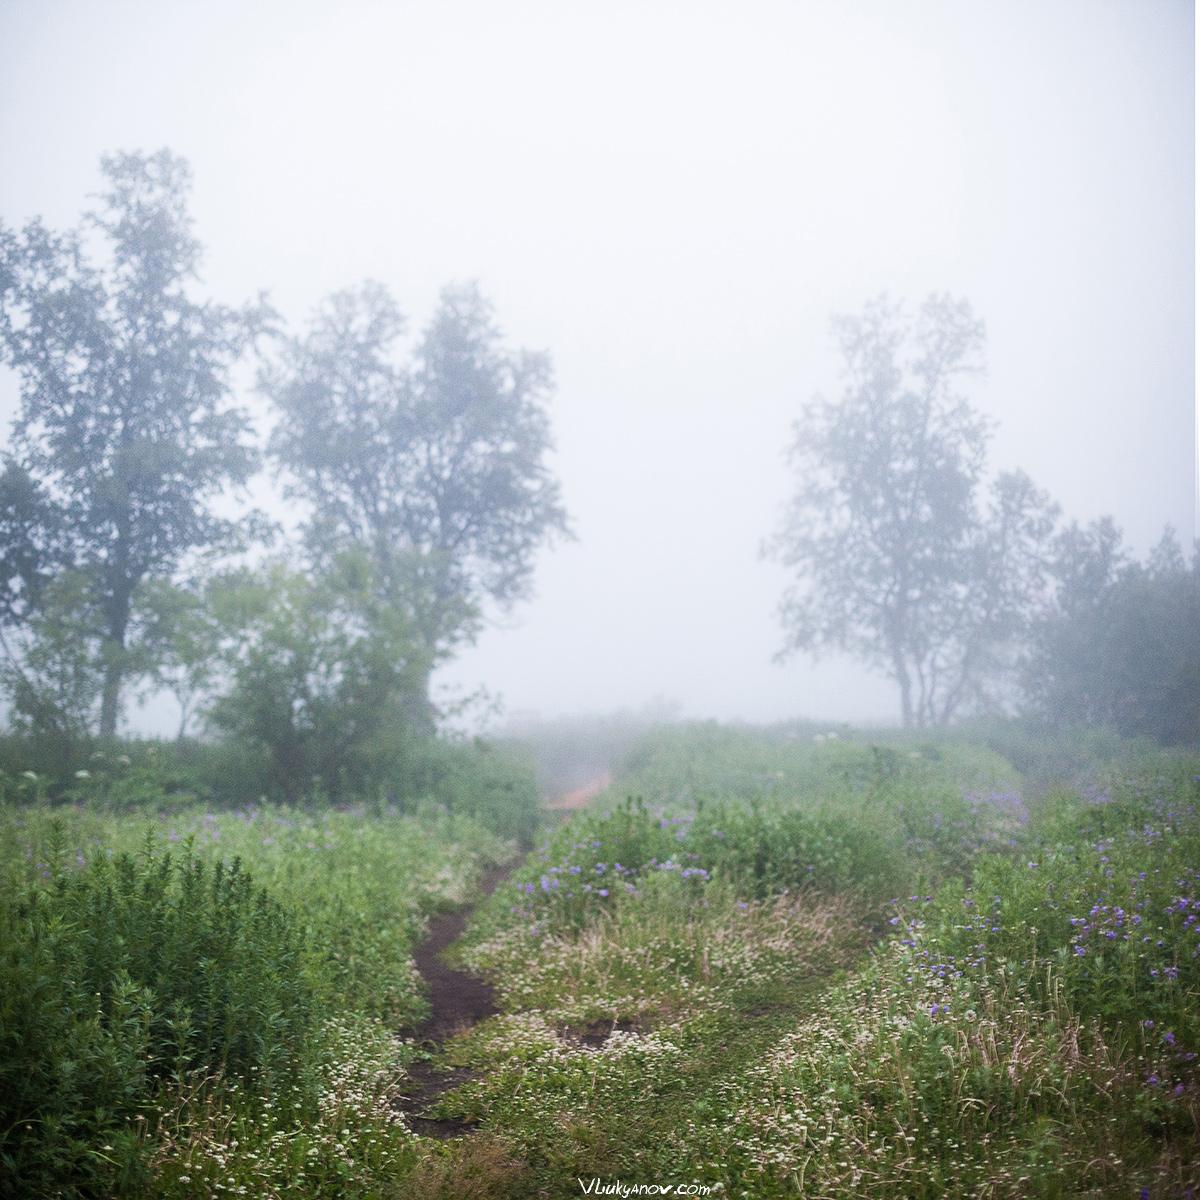 Владимир Лукьянов, Фотограф, Россия, Путешествие, поход, природа, Камчатка, горы